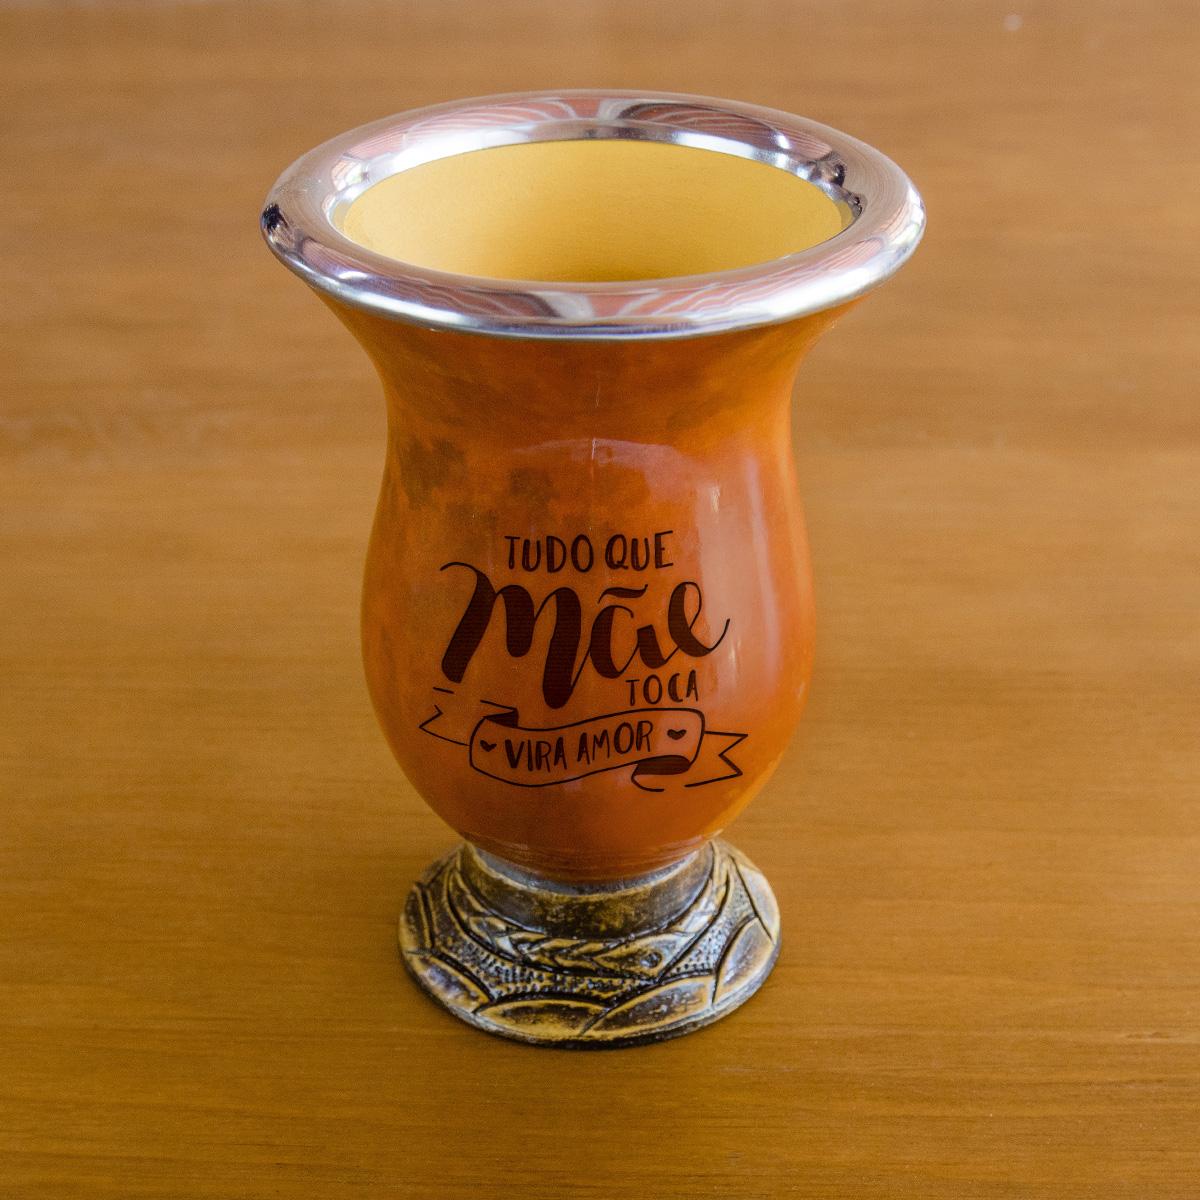 Imagem Cuia com bocal de inox cor pinhão personalizada frase Tudo que Mãe Toca Vira Amor